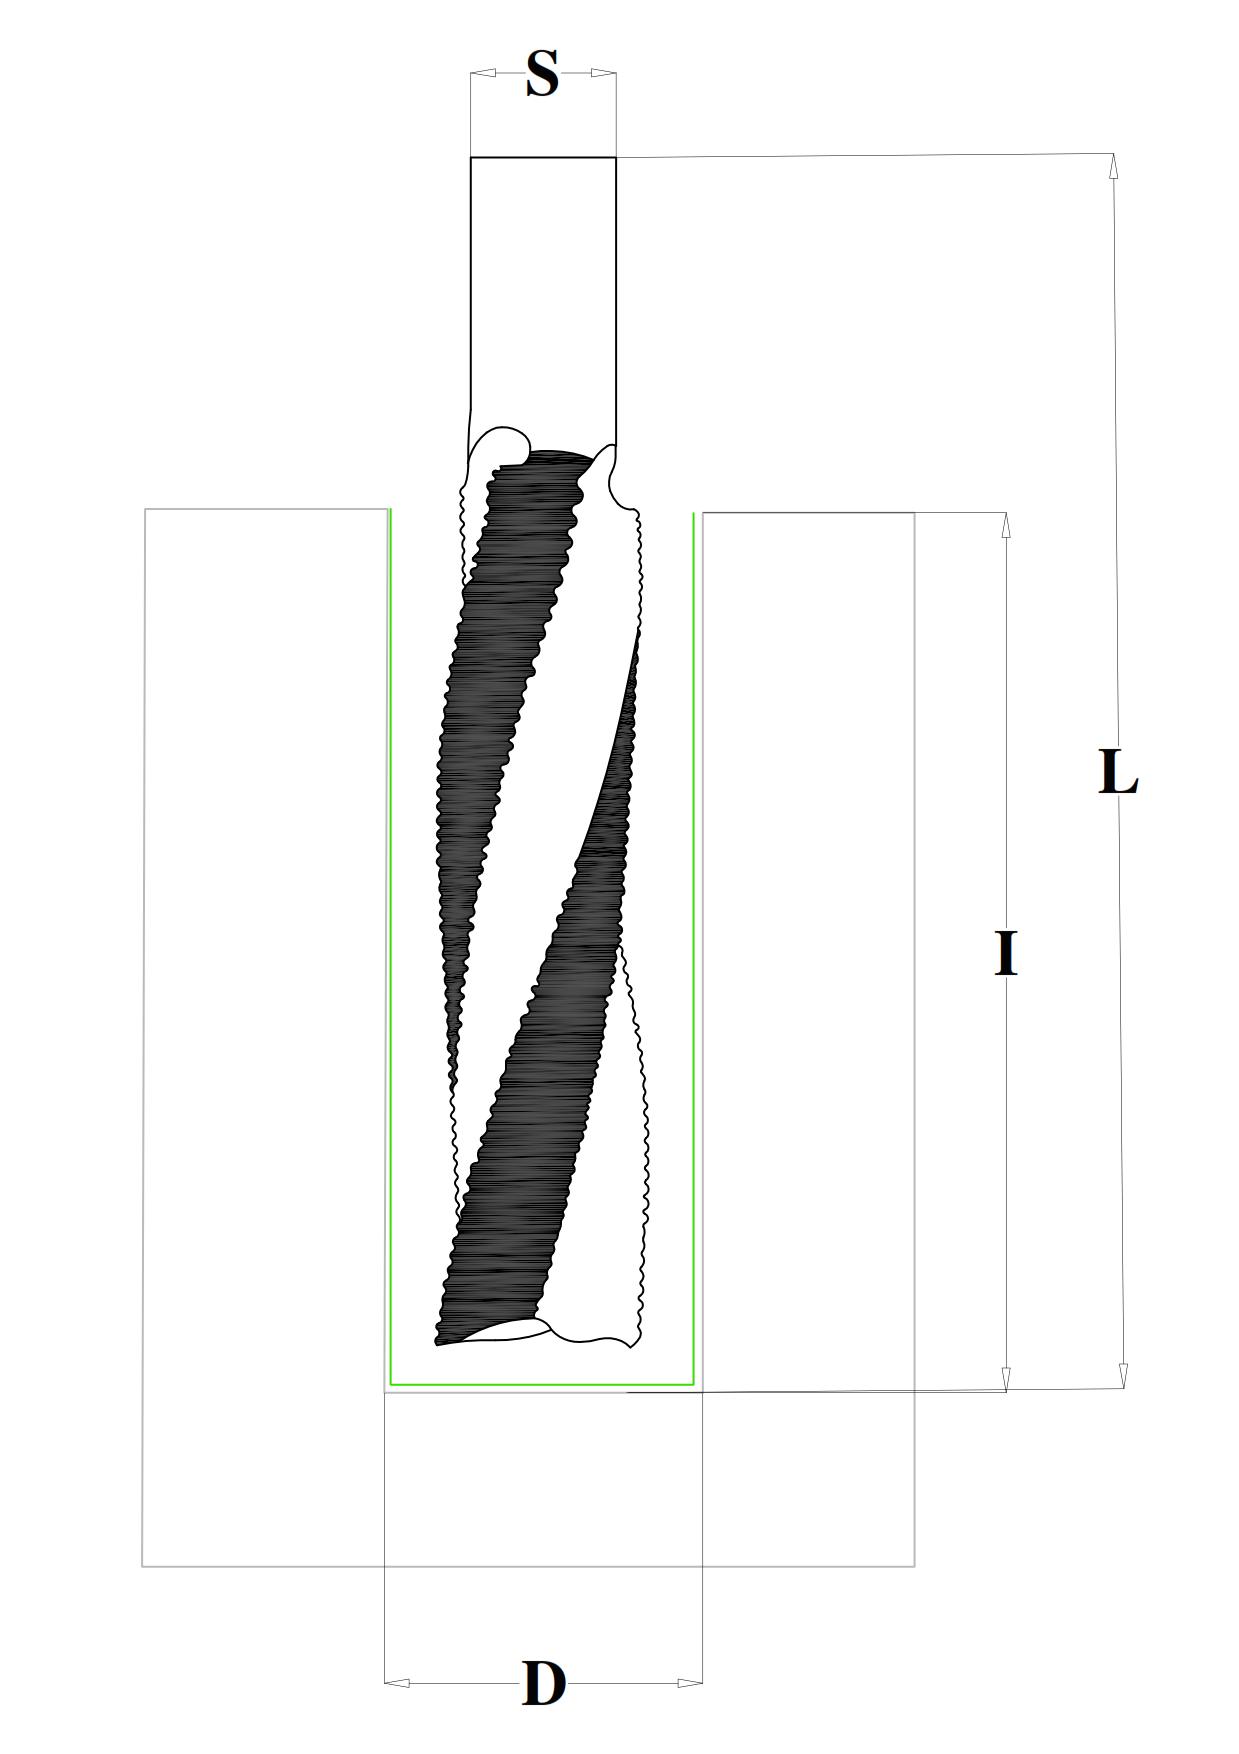 Fresa a taglienti elicoidali positivi con rompitruciolo per travi lamellati HW - disegno tecnico